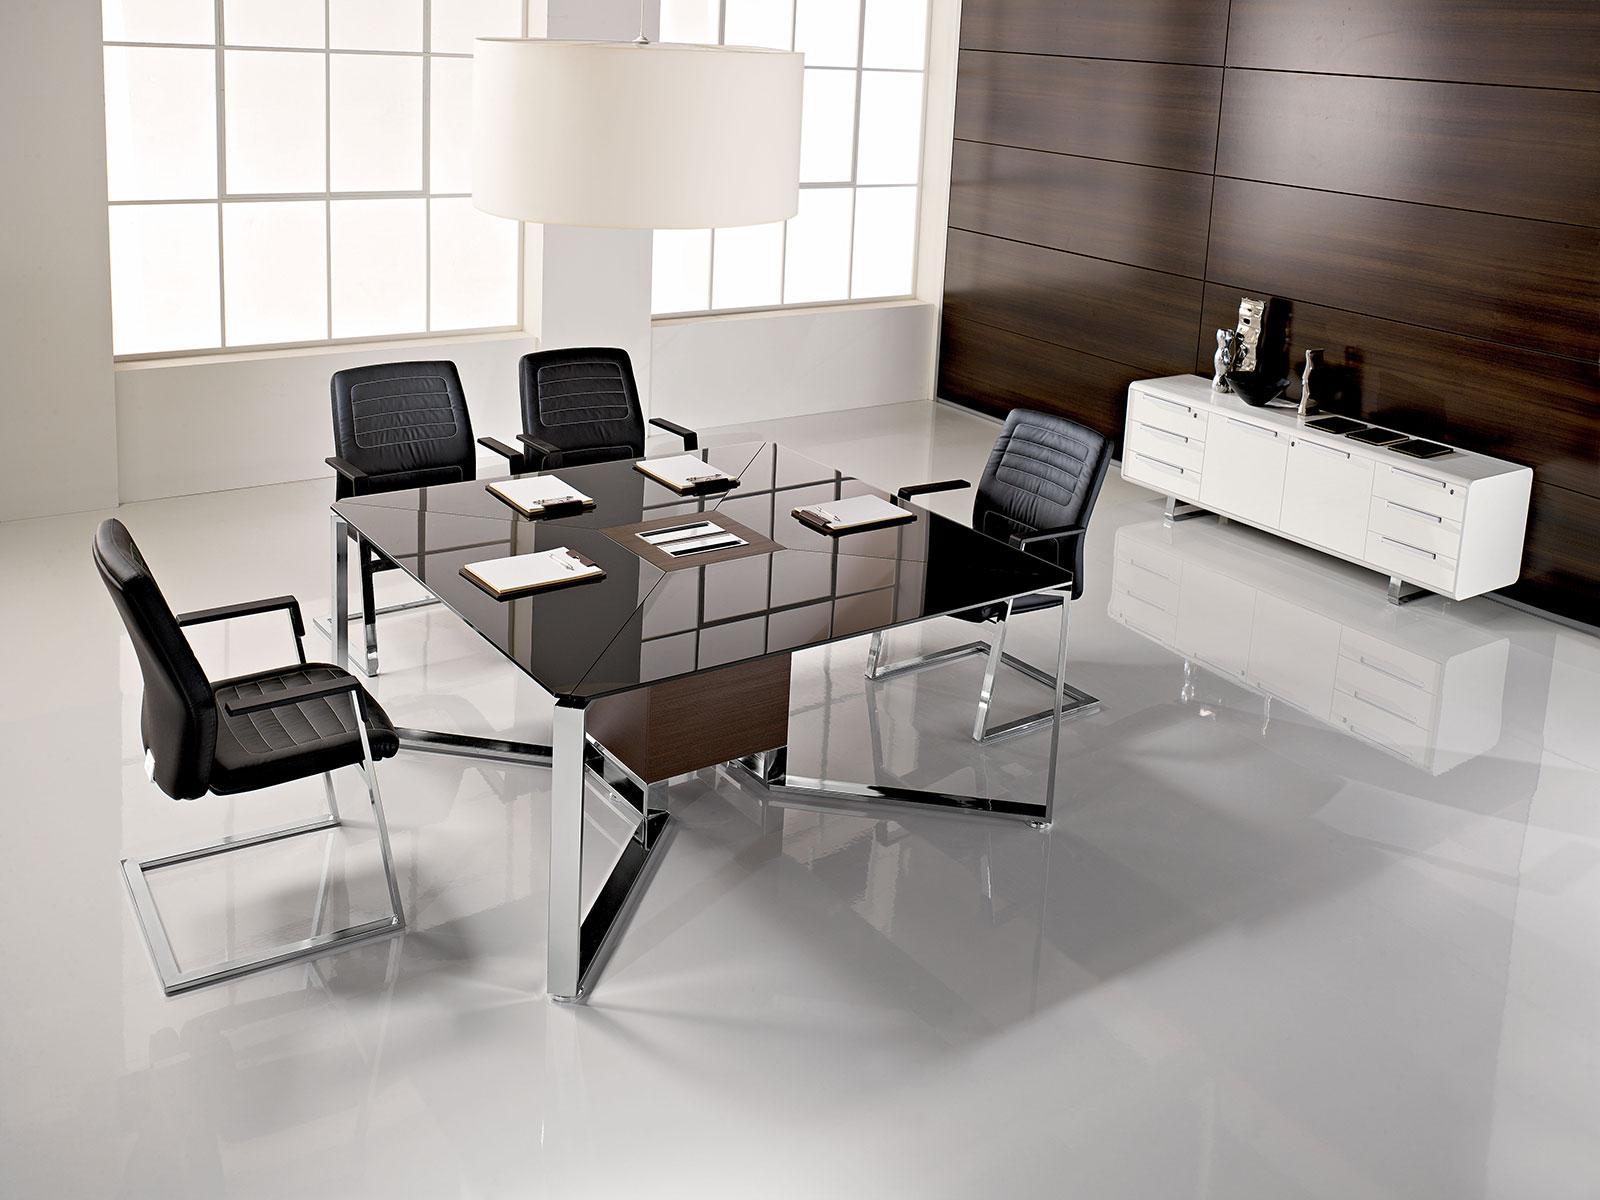 meet tavolo da riunione quadrato in legno e vetro italy On tavolo ufficio quadrato